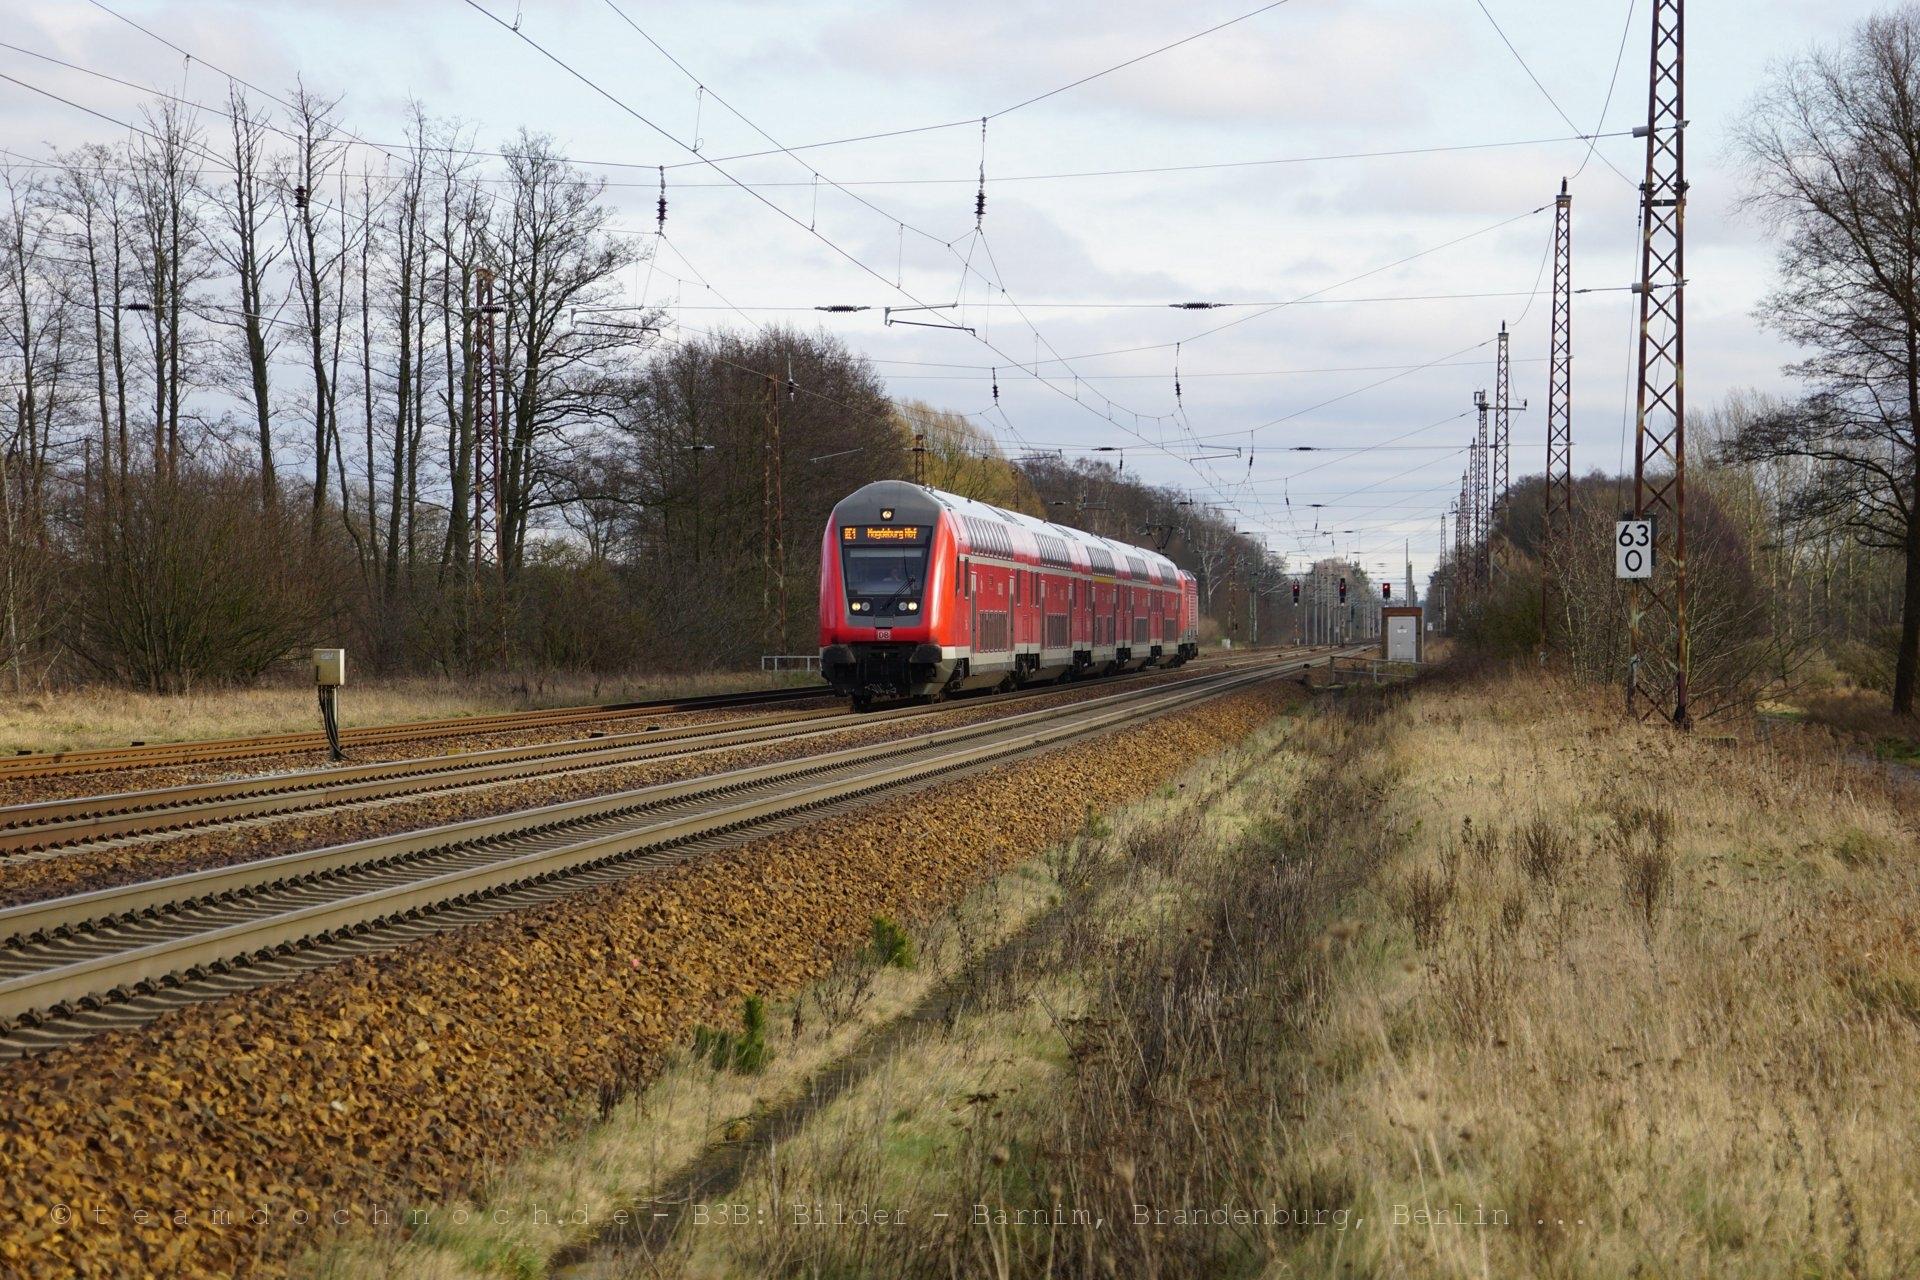 RE1 nach Magdeburg Hbf erreicht den Bahnhof Briesen (Mark)